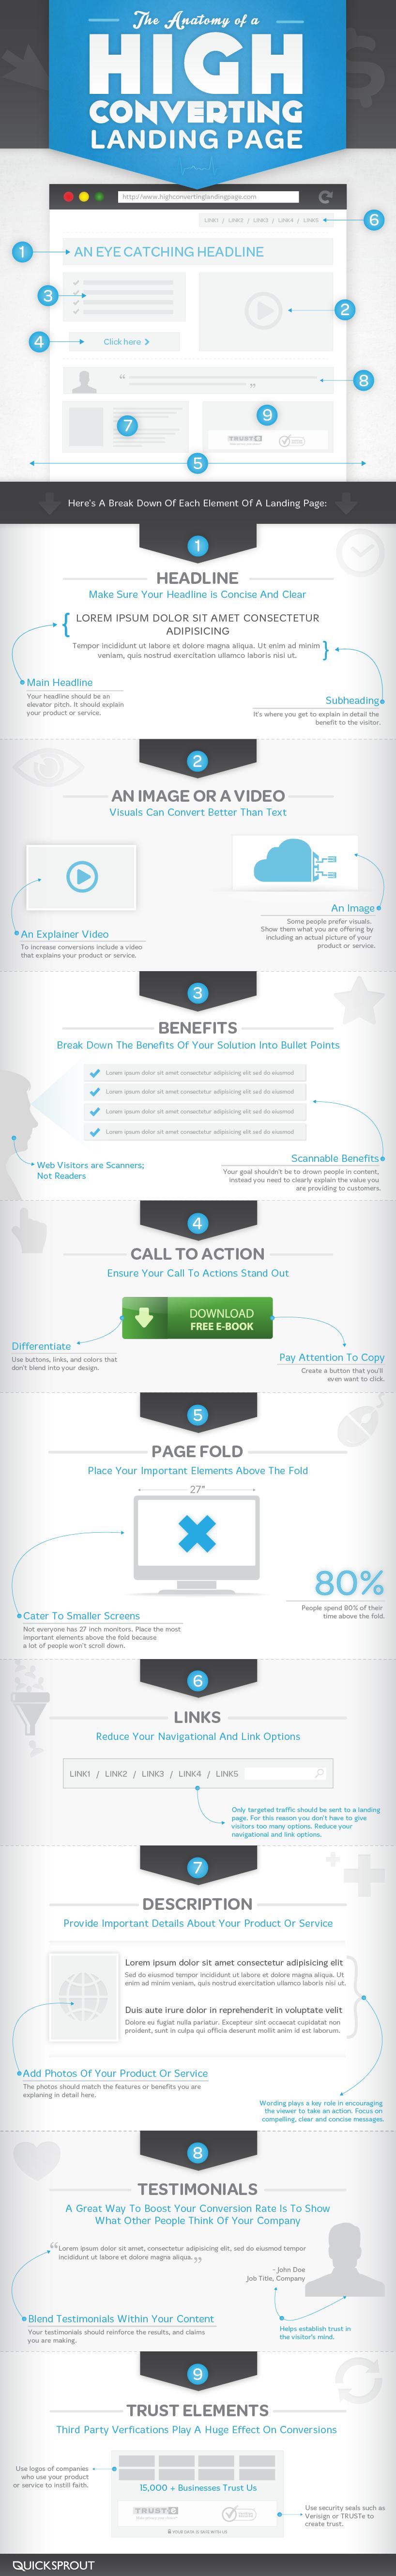 Come creare una langing page che converte